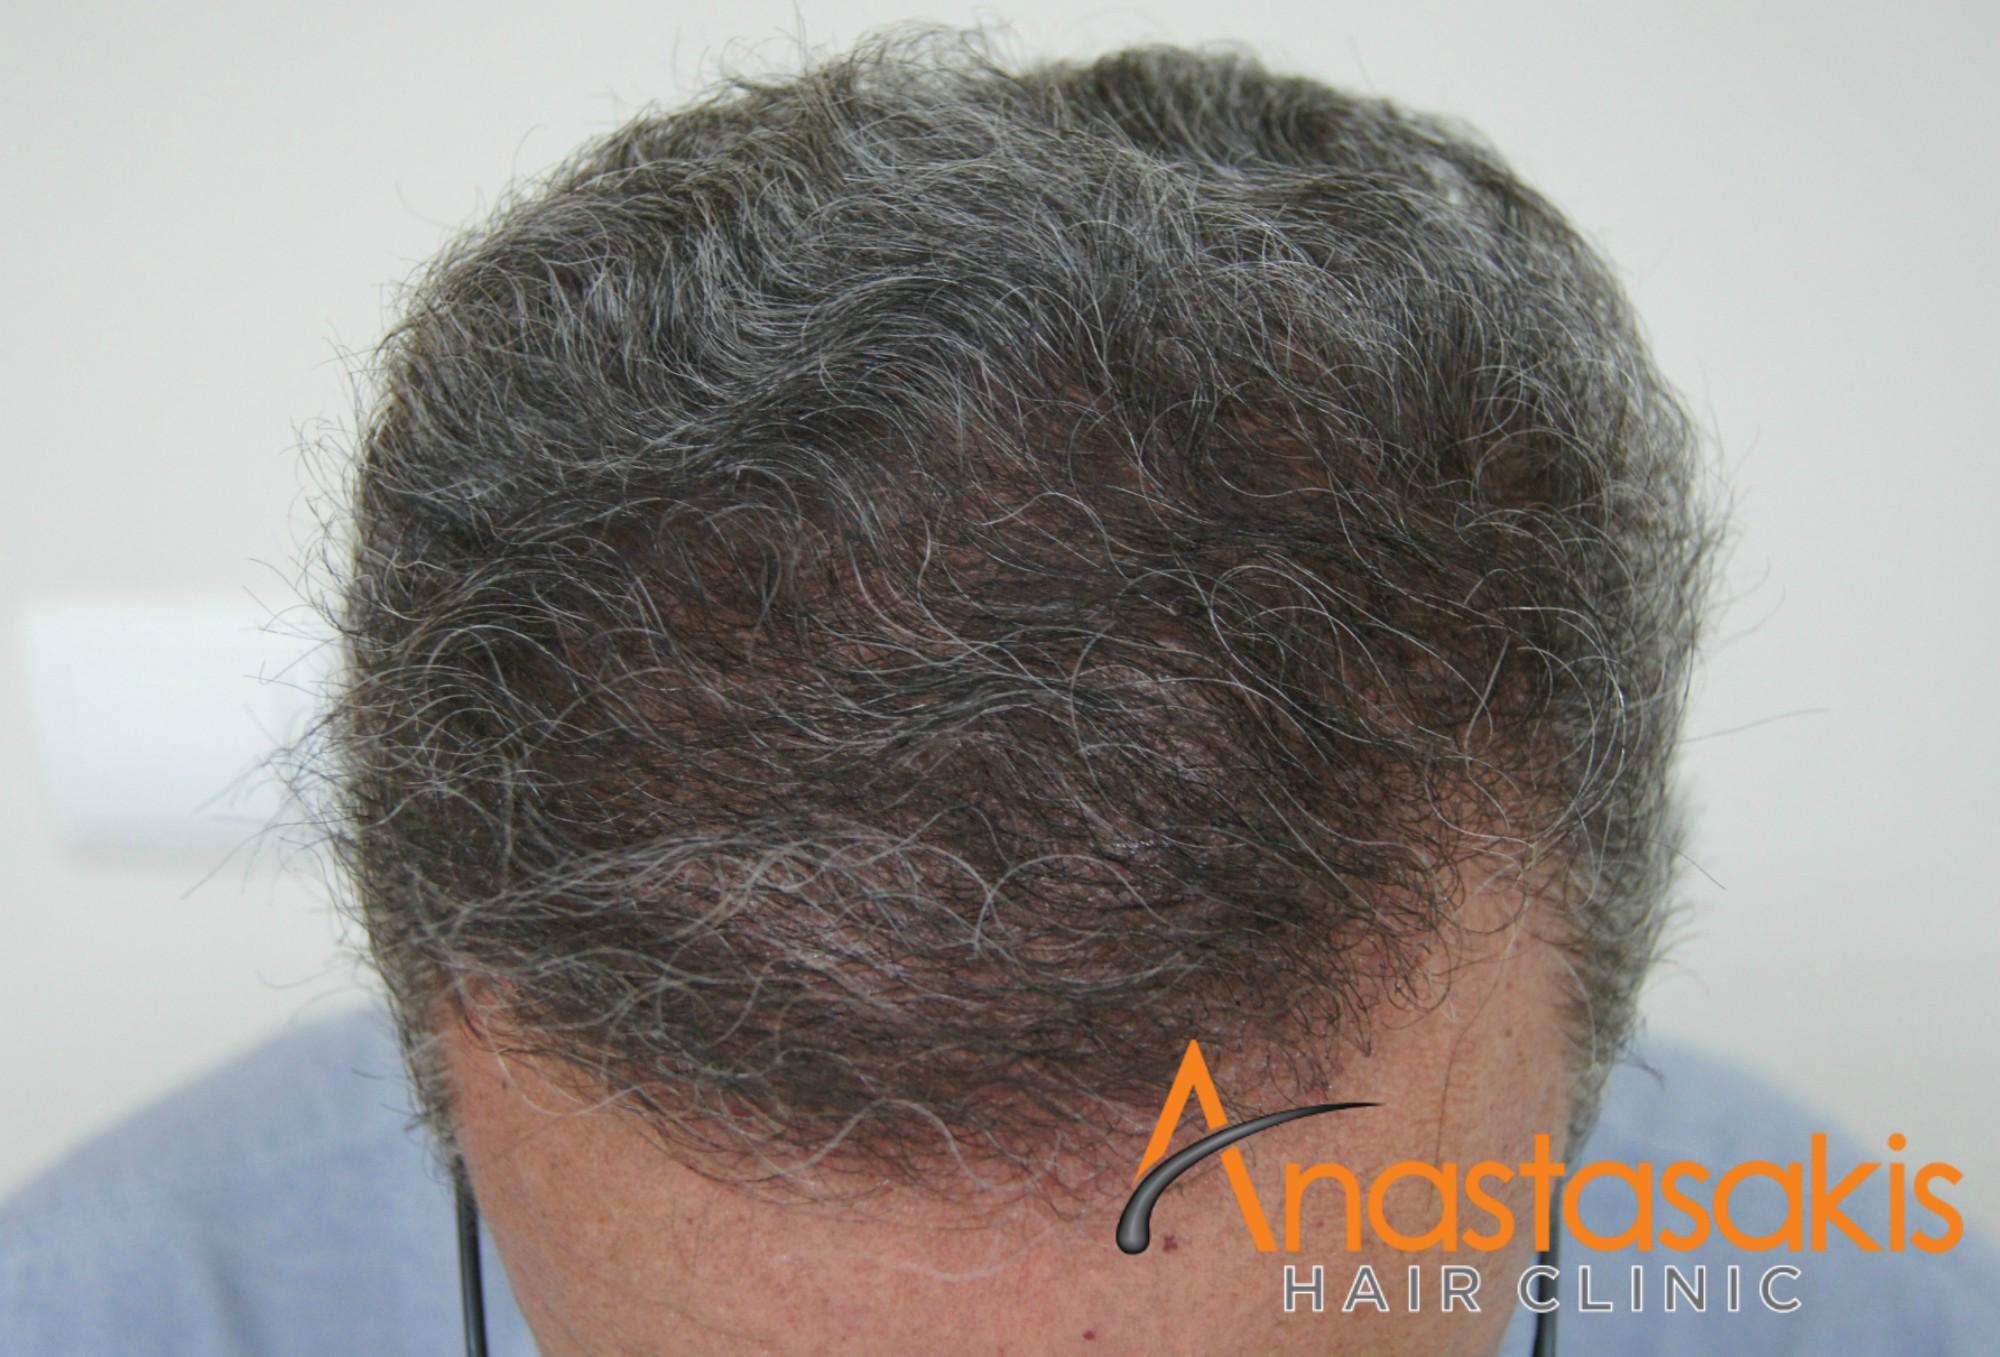 προσθια ασθενους μετα τη μεταμοσχευση μαλλιων με 3200 fus